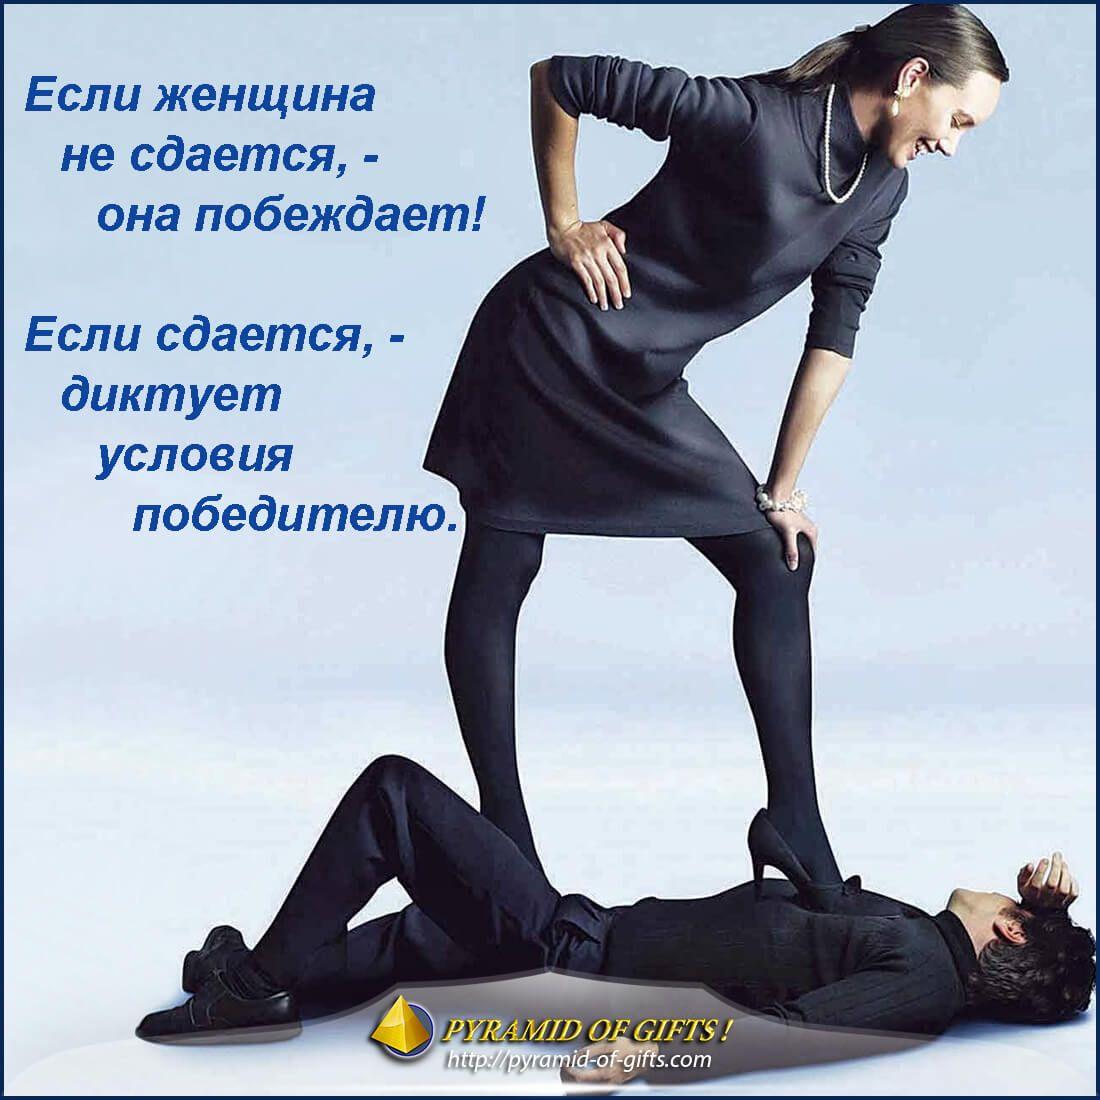 Цитаты для мужчин про женщин | Цитаты, Женские цитаты и ...